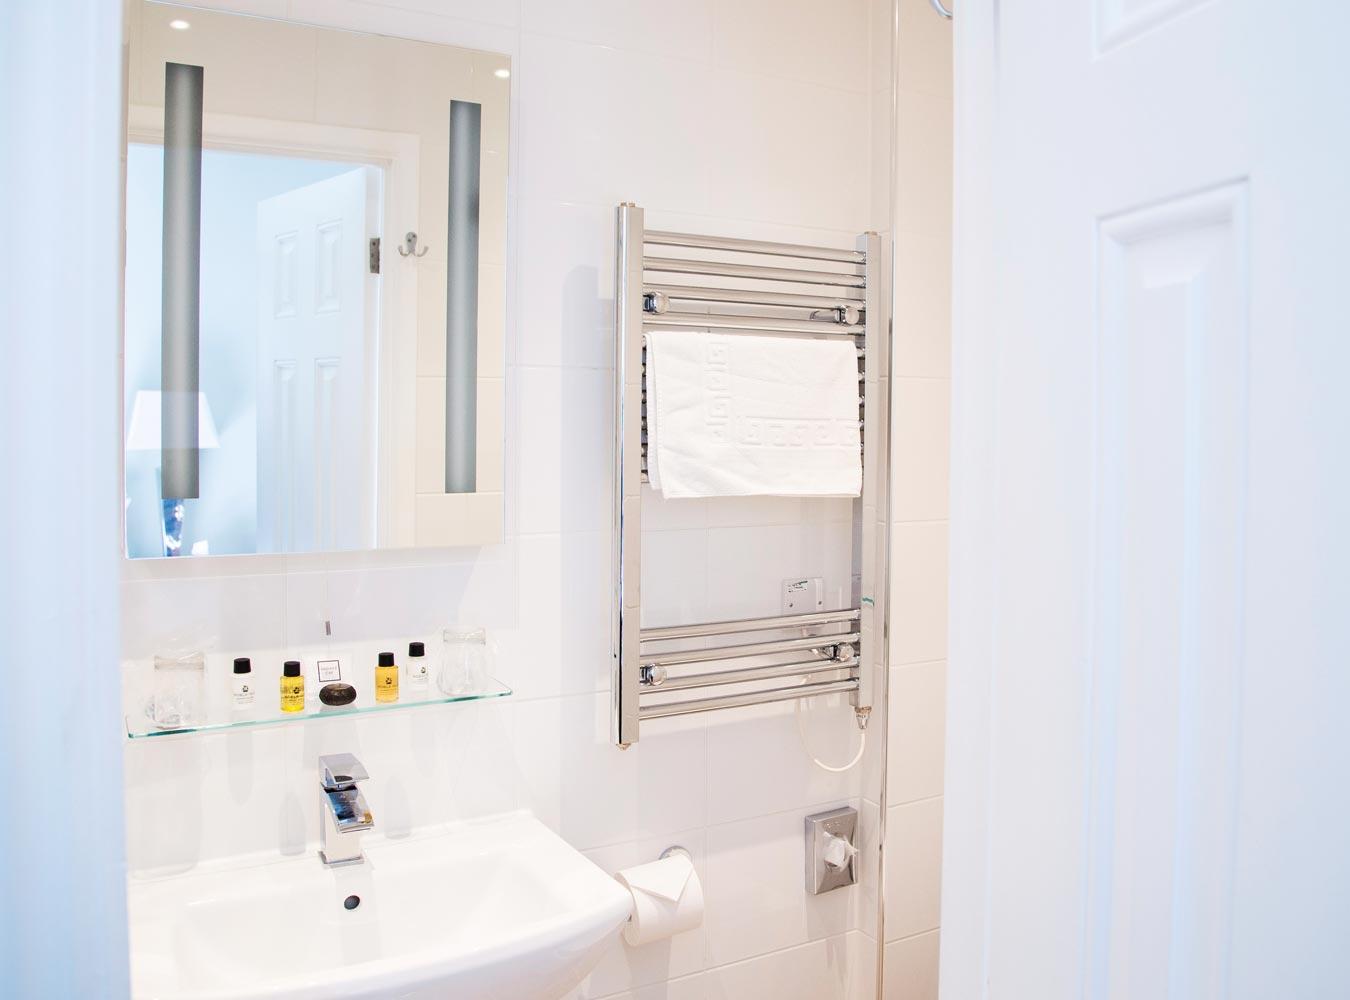 27x20_room7-bathroom